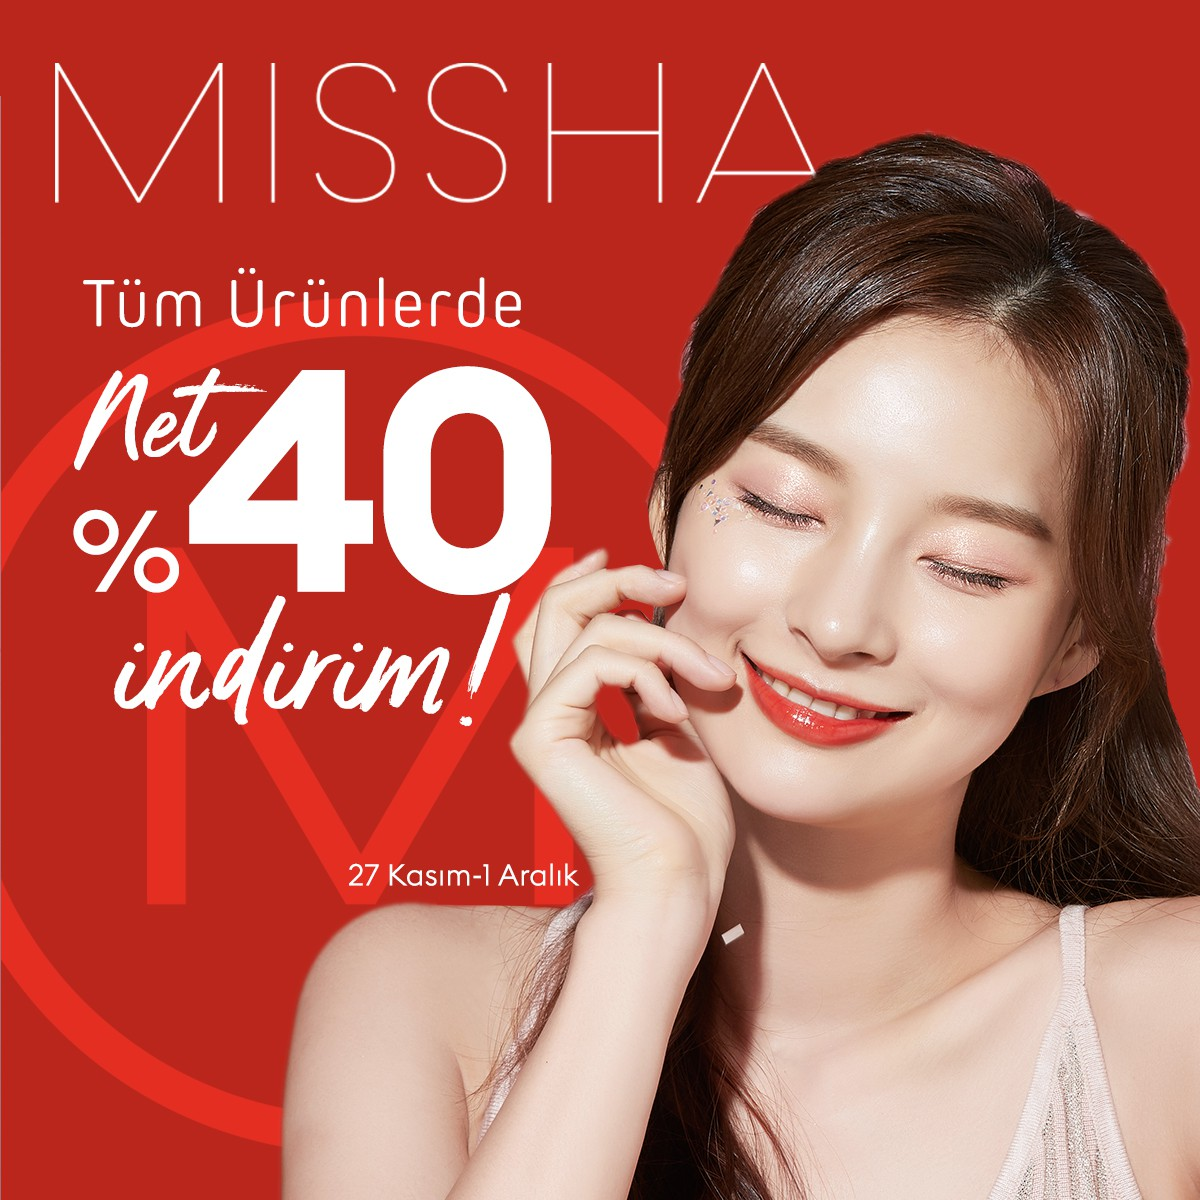 Missha'da 27 Kasım - 1 Aralık tarihleri arası %40 indirim!